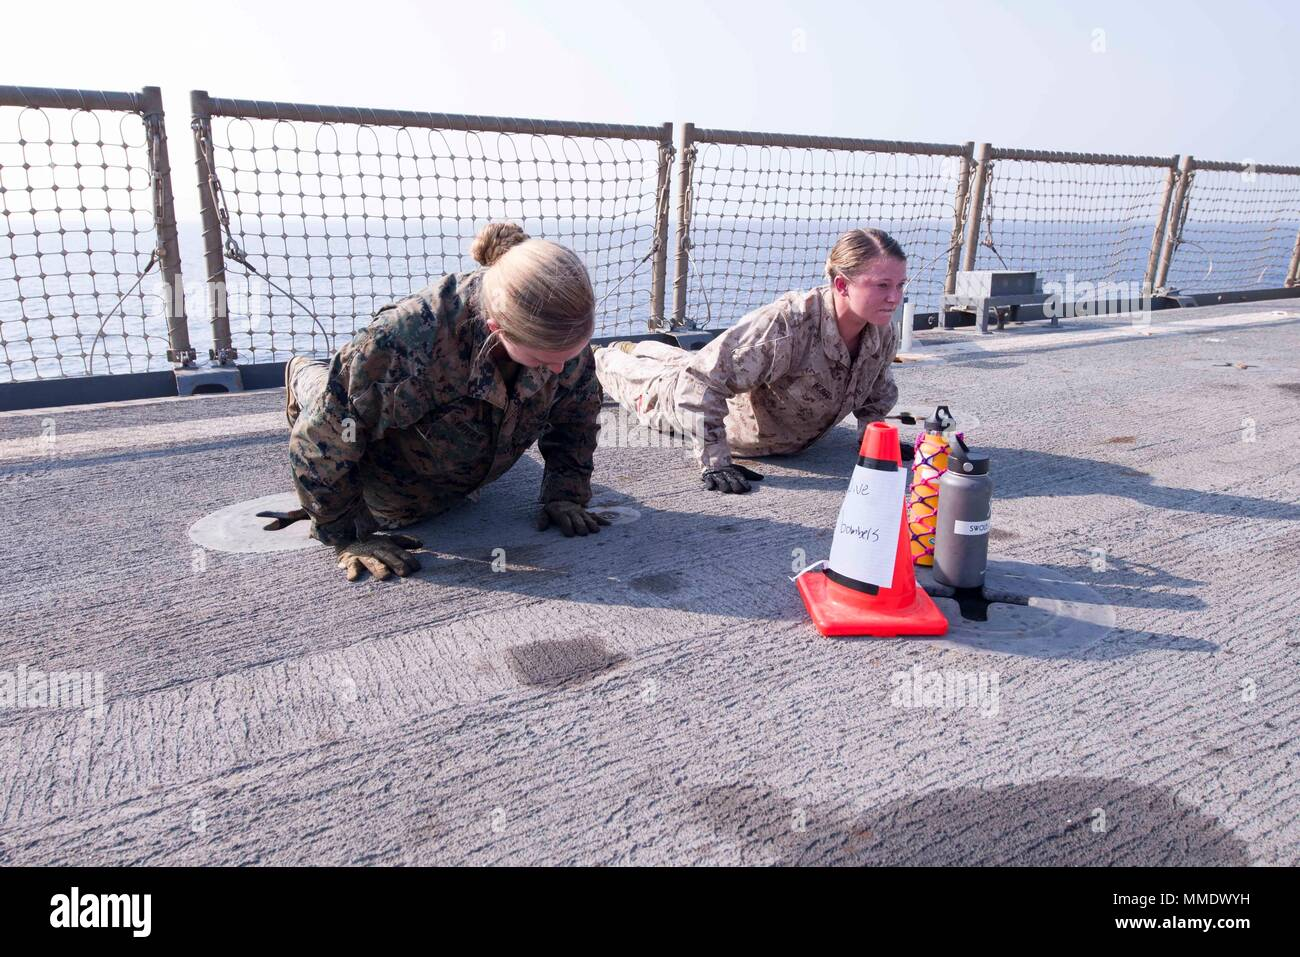 171019-N-UK248-058 5ª Flota de EE.UU. ZONA DE OPERACIONES (Oct. 19, 2017) Marine Cpl. Caitlin McCoy (derecha), un nativo de Plymouth, Massachusetts y Lance Cpl. Fe Swoverland, un nativo en Mishawaka, Indiana, ambos asignados a la 15ª Unidad Expedicionaria de los Infantes de Marina (MEU) a bordo de la nave de aterrizaje dock anfibio USS Pearl Harbor (LSD 52), practicar buceo pushups bombardero durante el Marine Corps Martial Arts Program (MCMAP) de entrenamiento de circuito en la cubierta de vuelo del buque. Pearl Harbor es parte de la América Amphibious Ready Group (ARG) y, con la 15ª MEU, embarcado está desplegado en apoyo de la seguridad marítima opera Imagen De Stock